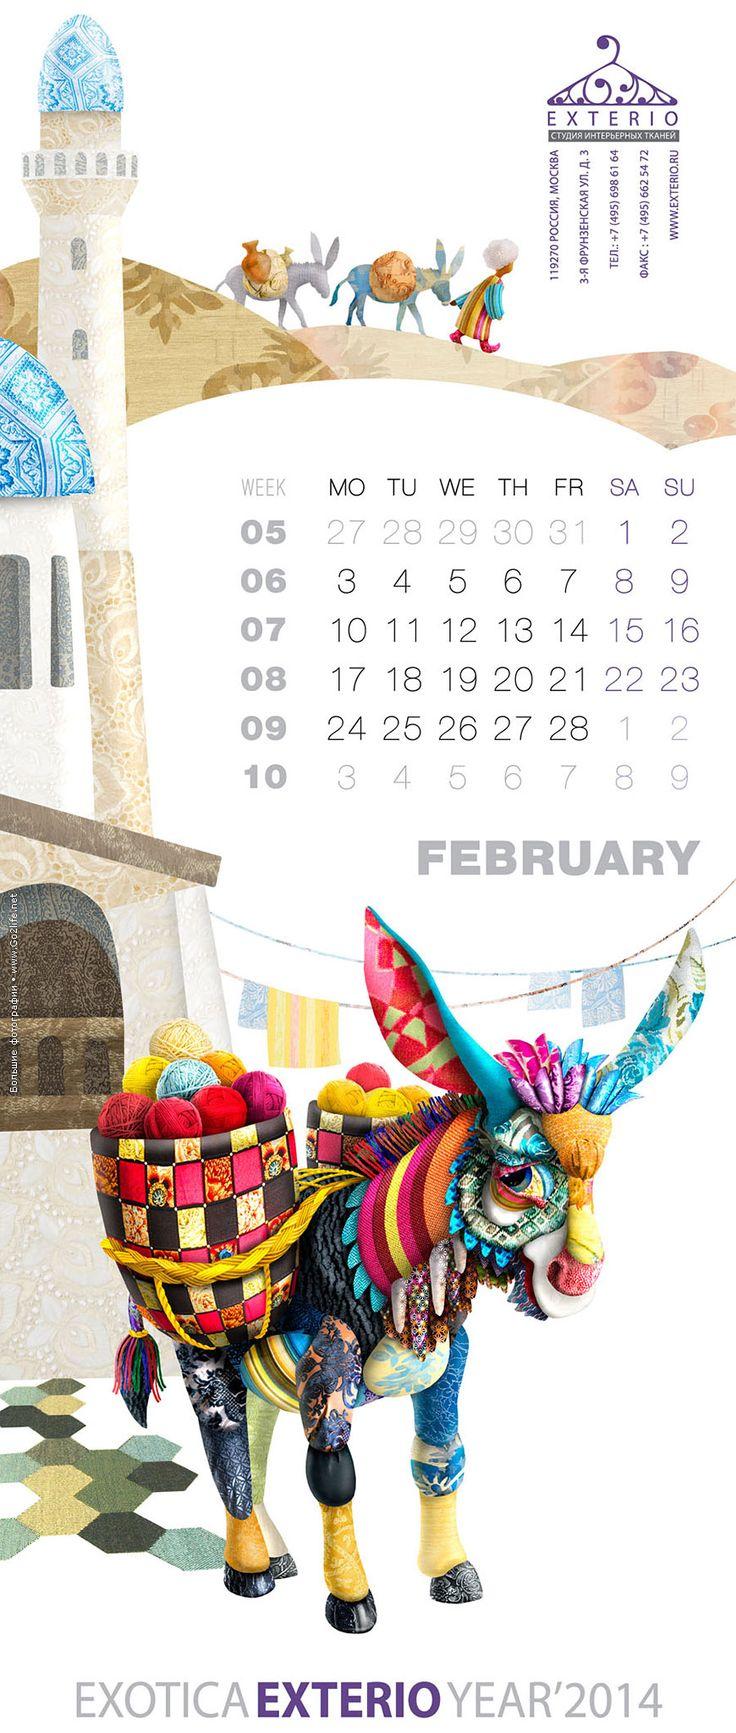 Мир, сотканный с любовью: 14 креативных дизайнерских фотографий. Этот #календарь на 2014 год – Exotica Exterio для студии интерьерных тканей таки вышел из печати, а было это в конце декабря 2013 года! Дизайнеры работали над ним восемь месяцев. Получилось здорово. Вопрос к вам, зрителям и ценителям креативного искусства, остается прежним: ну, и какая из цветных зверюшек вам тут глянулась? #искусство #креатив #дизайн #фото